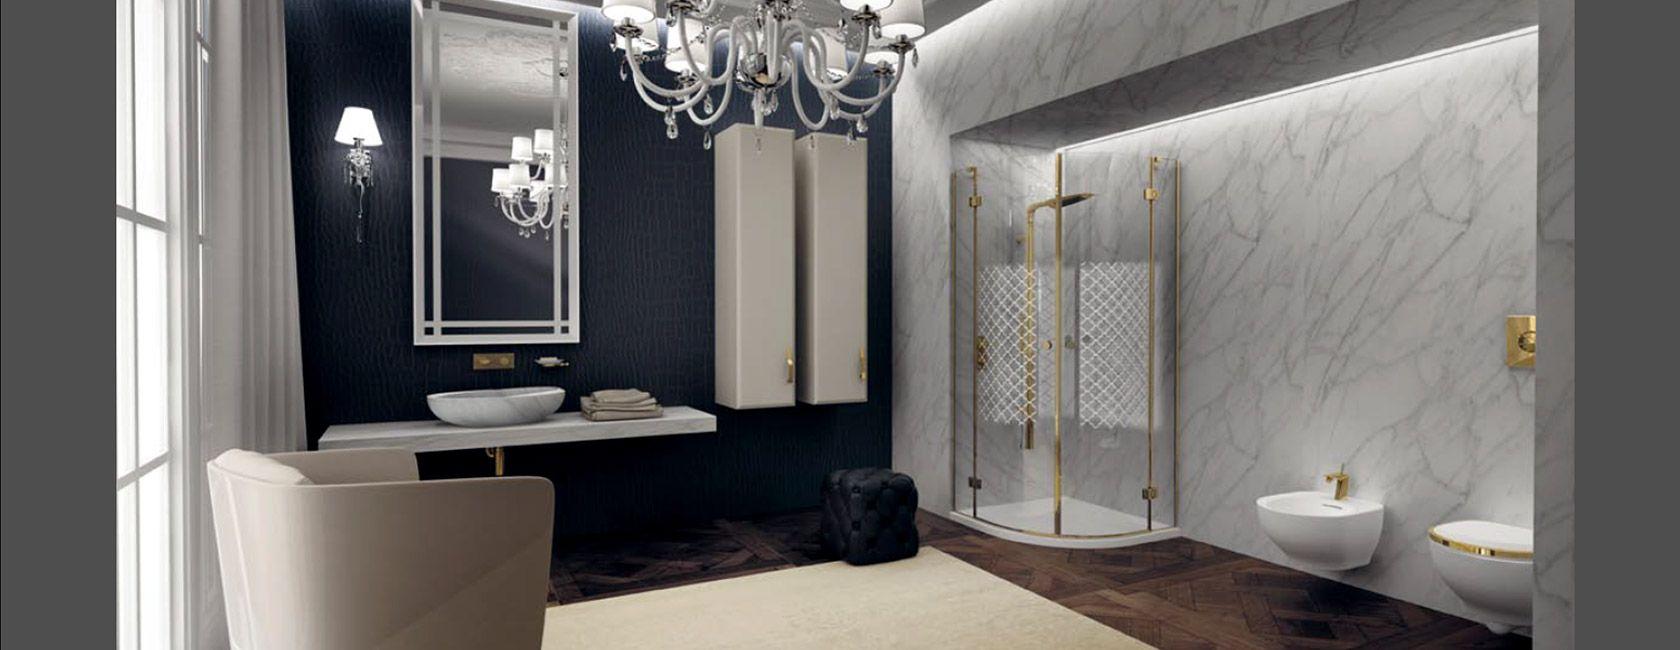 Bañeras de hidromasaje-cabina de ducha-ducha-bañera de diseño-sauna-baño turco TEUCO Guzzini